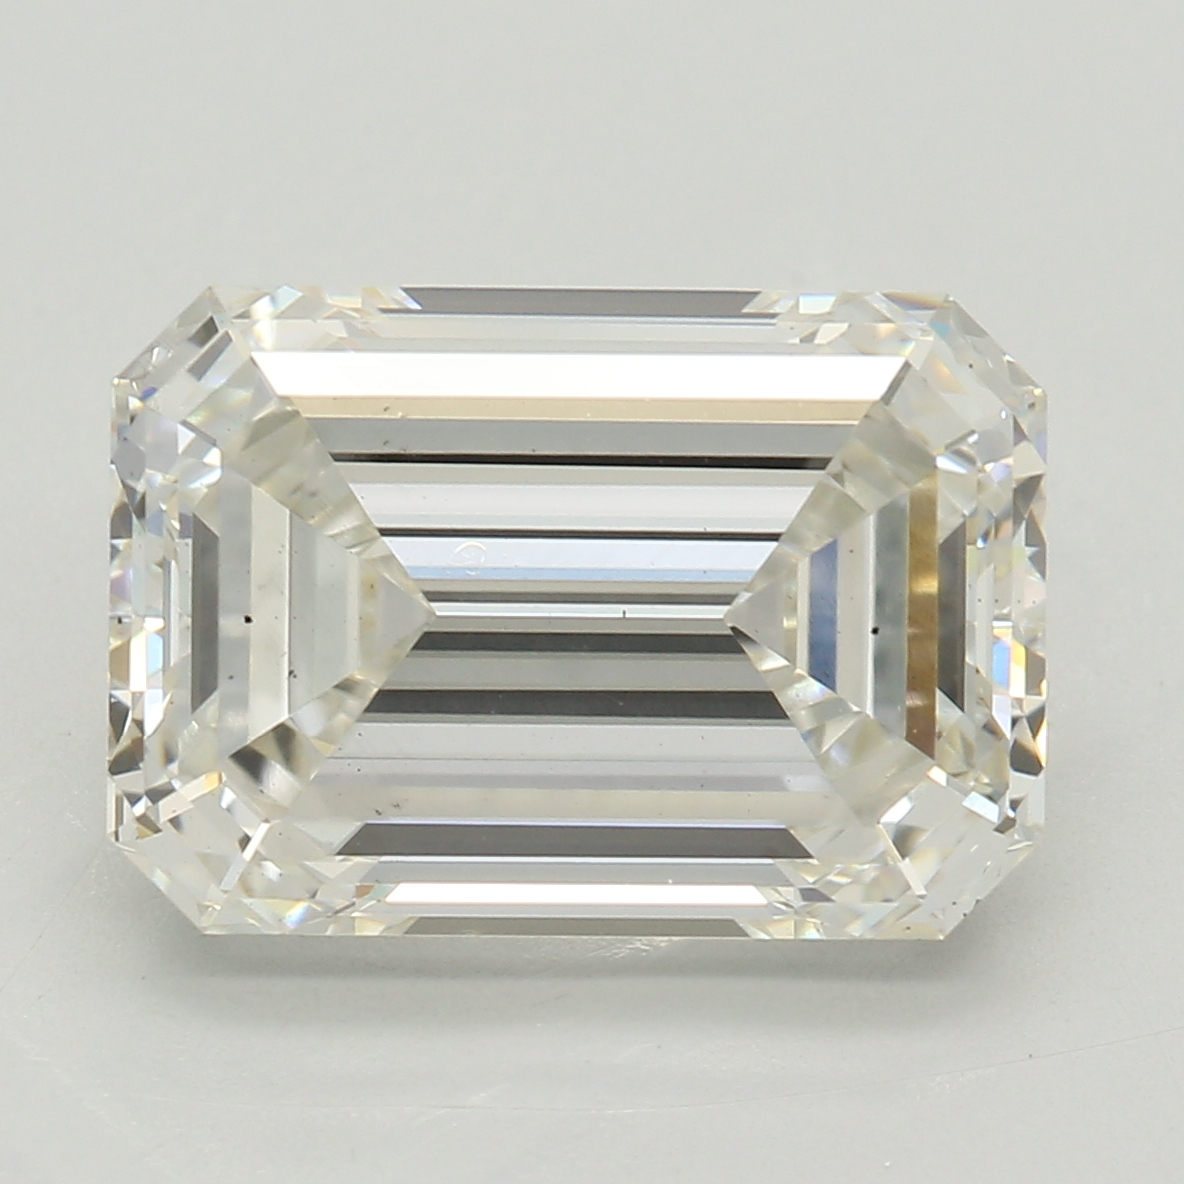 Emerald Cut 3.30 Carat J Color Vs2 Clarity Sku Lg92233008